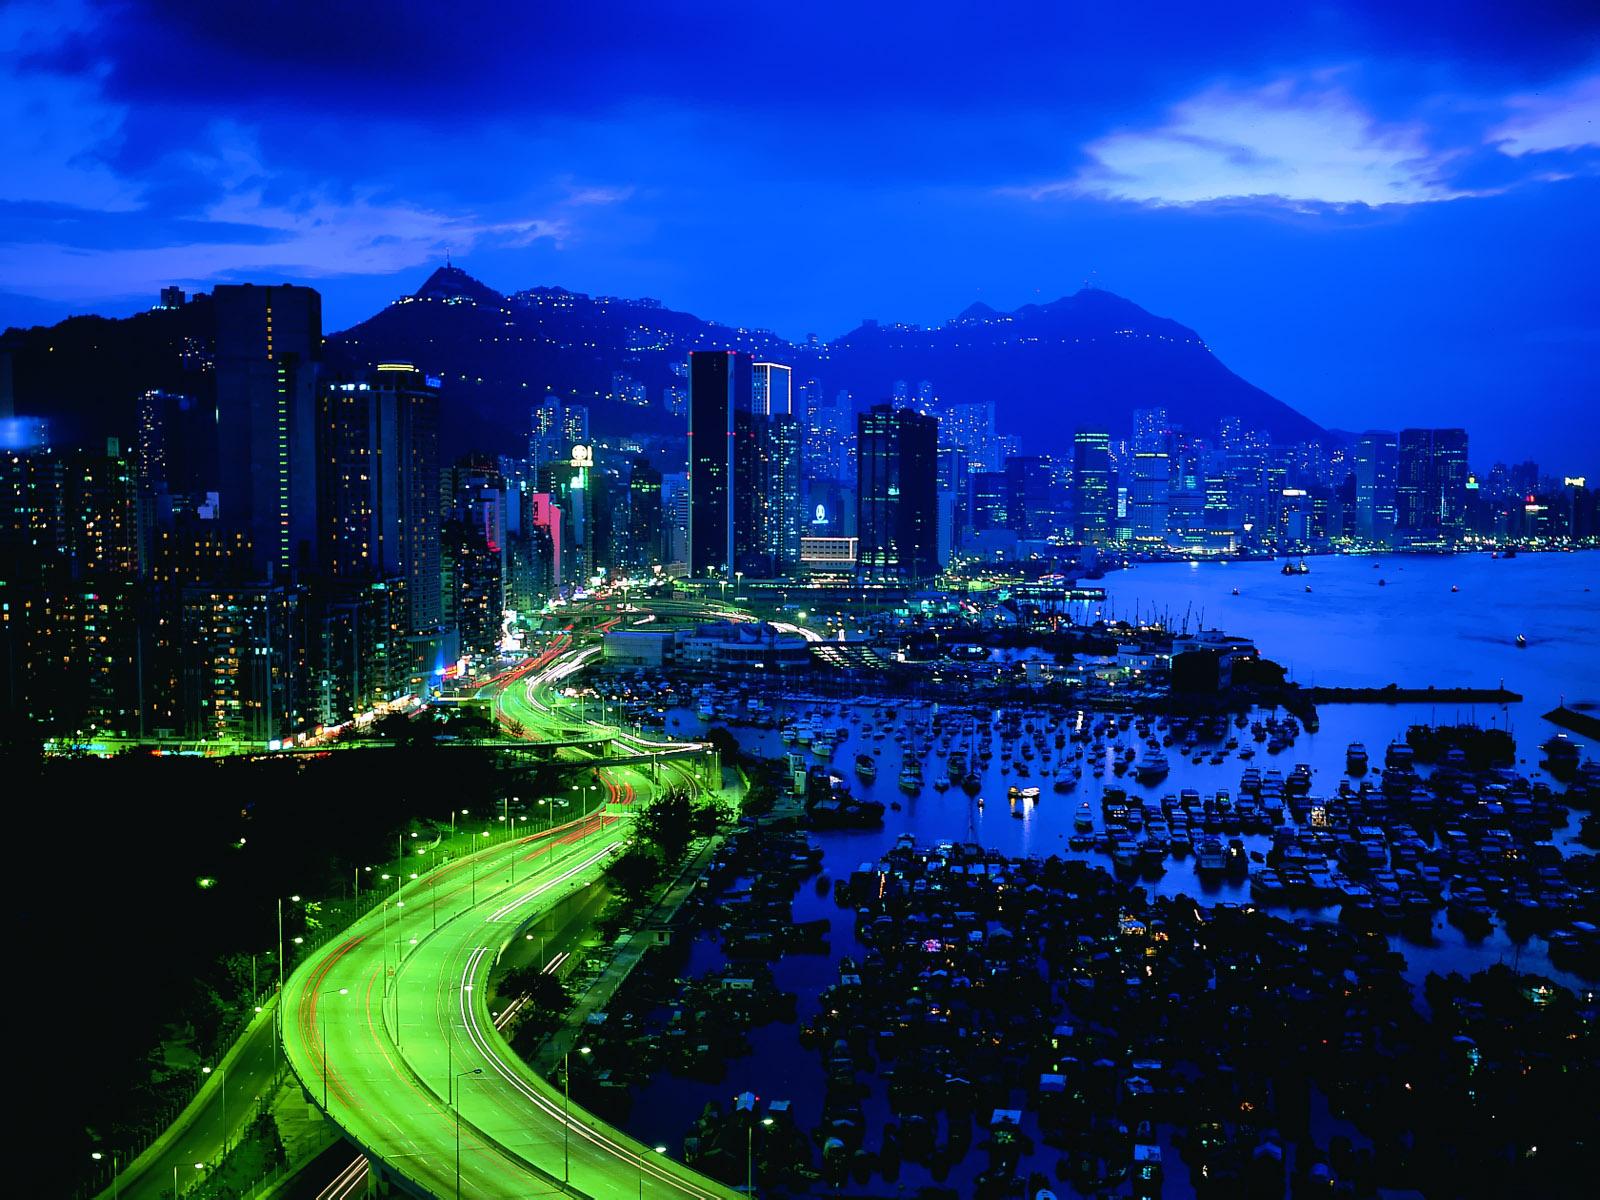 City Night Lights